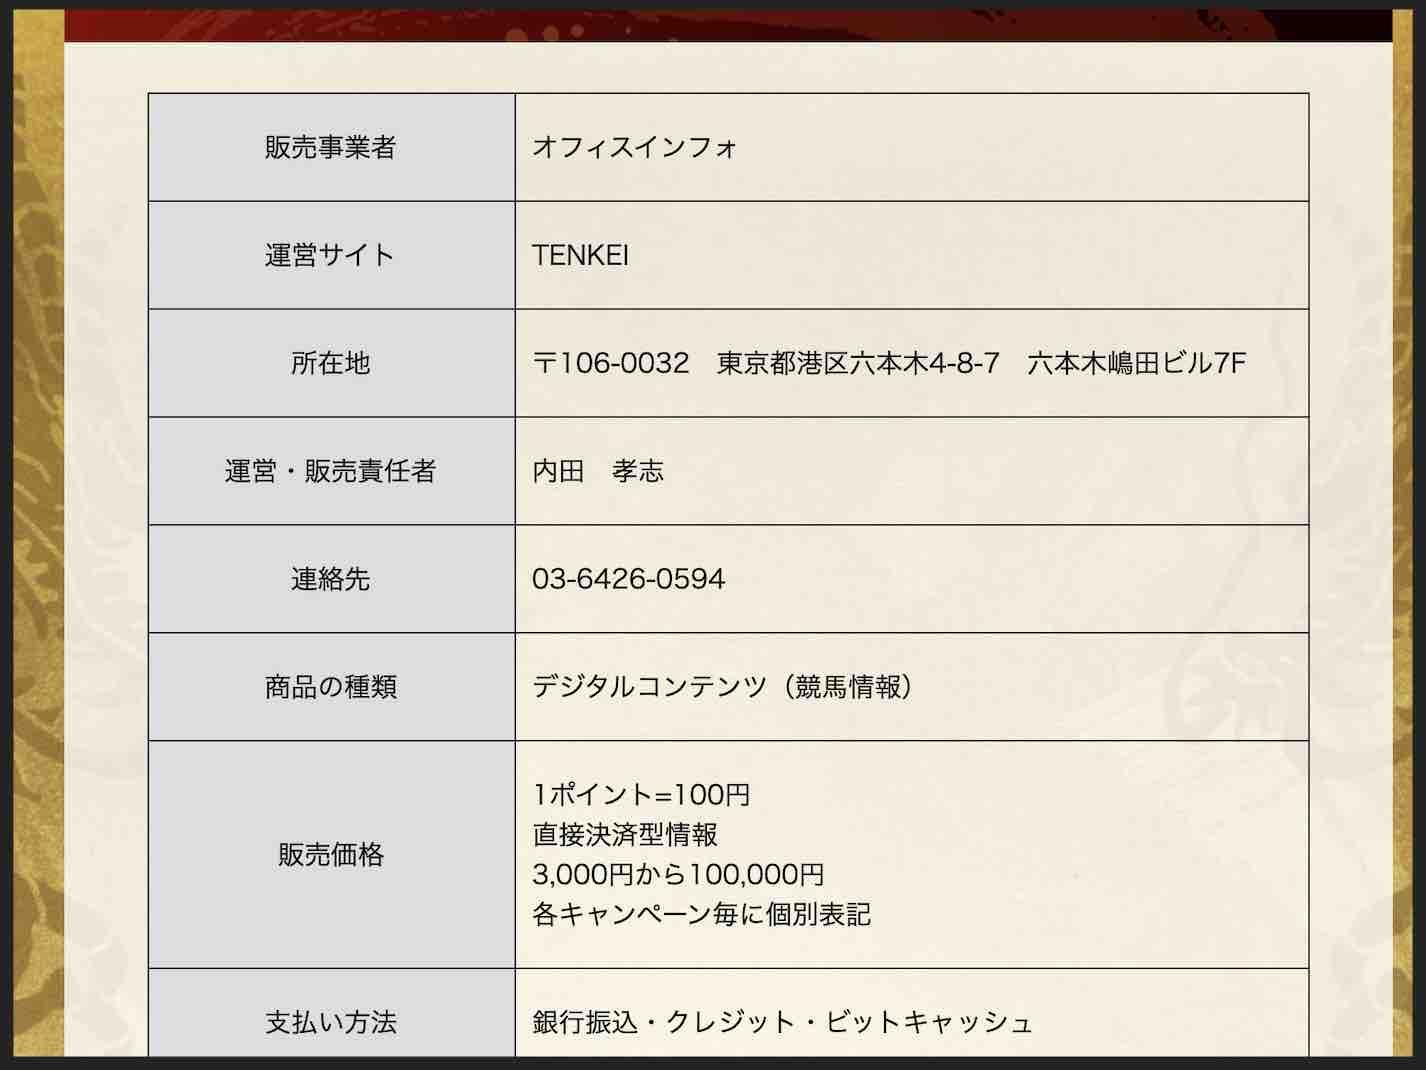 TENKEI(天啓)という競馬予想サイトの特商法